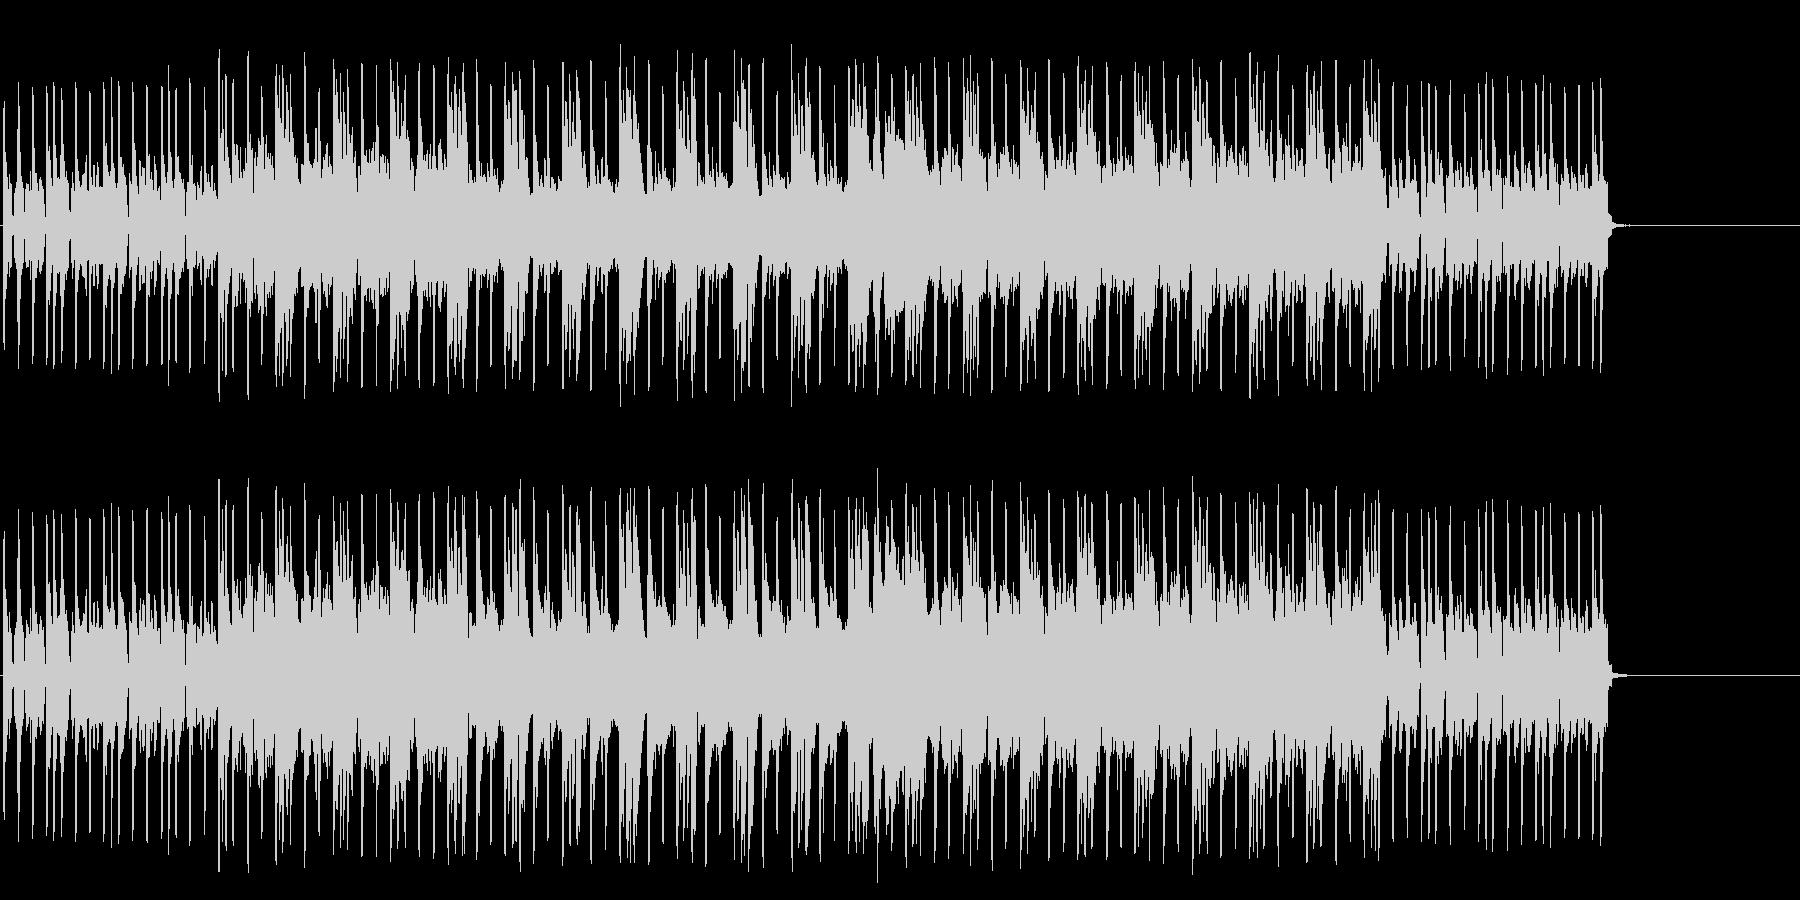 機械的なディスコ風のテクノ・ポップの未再生の波形